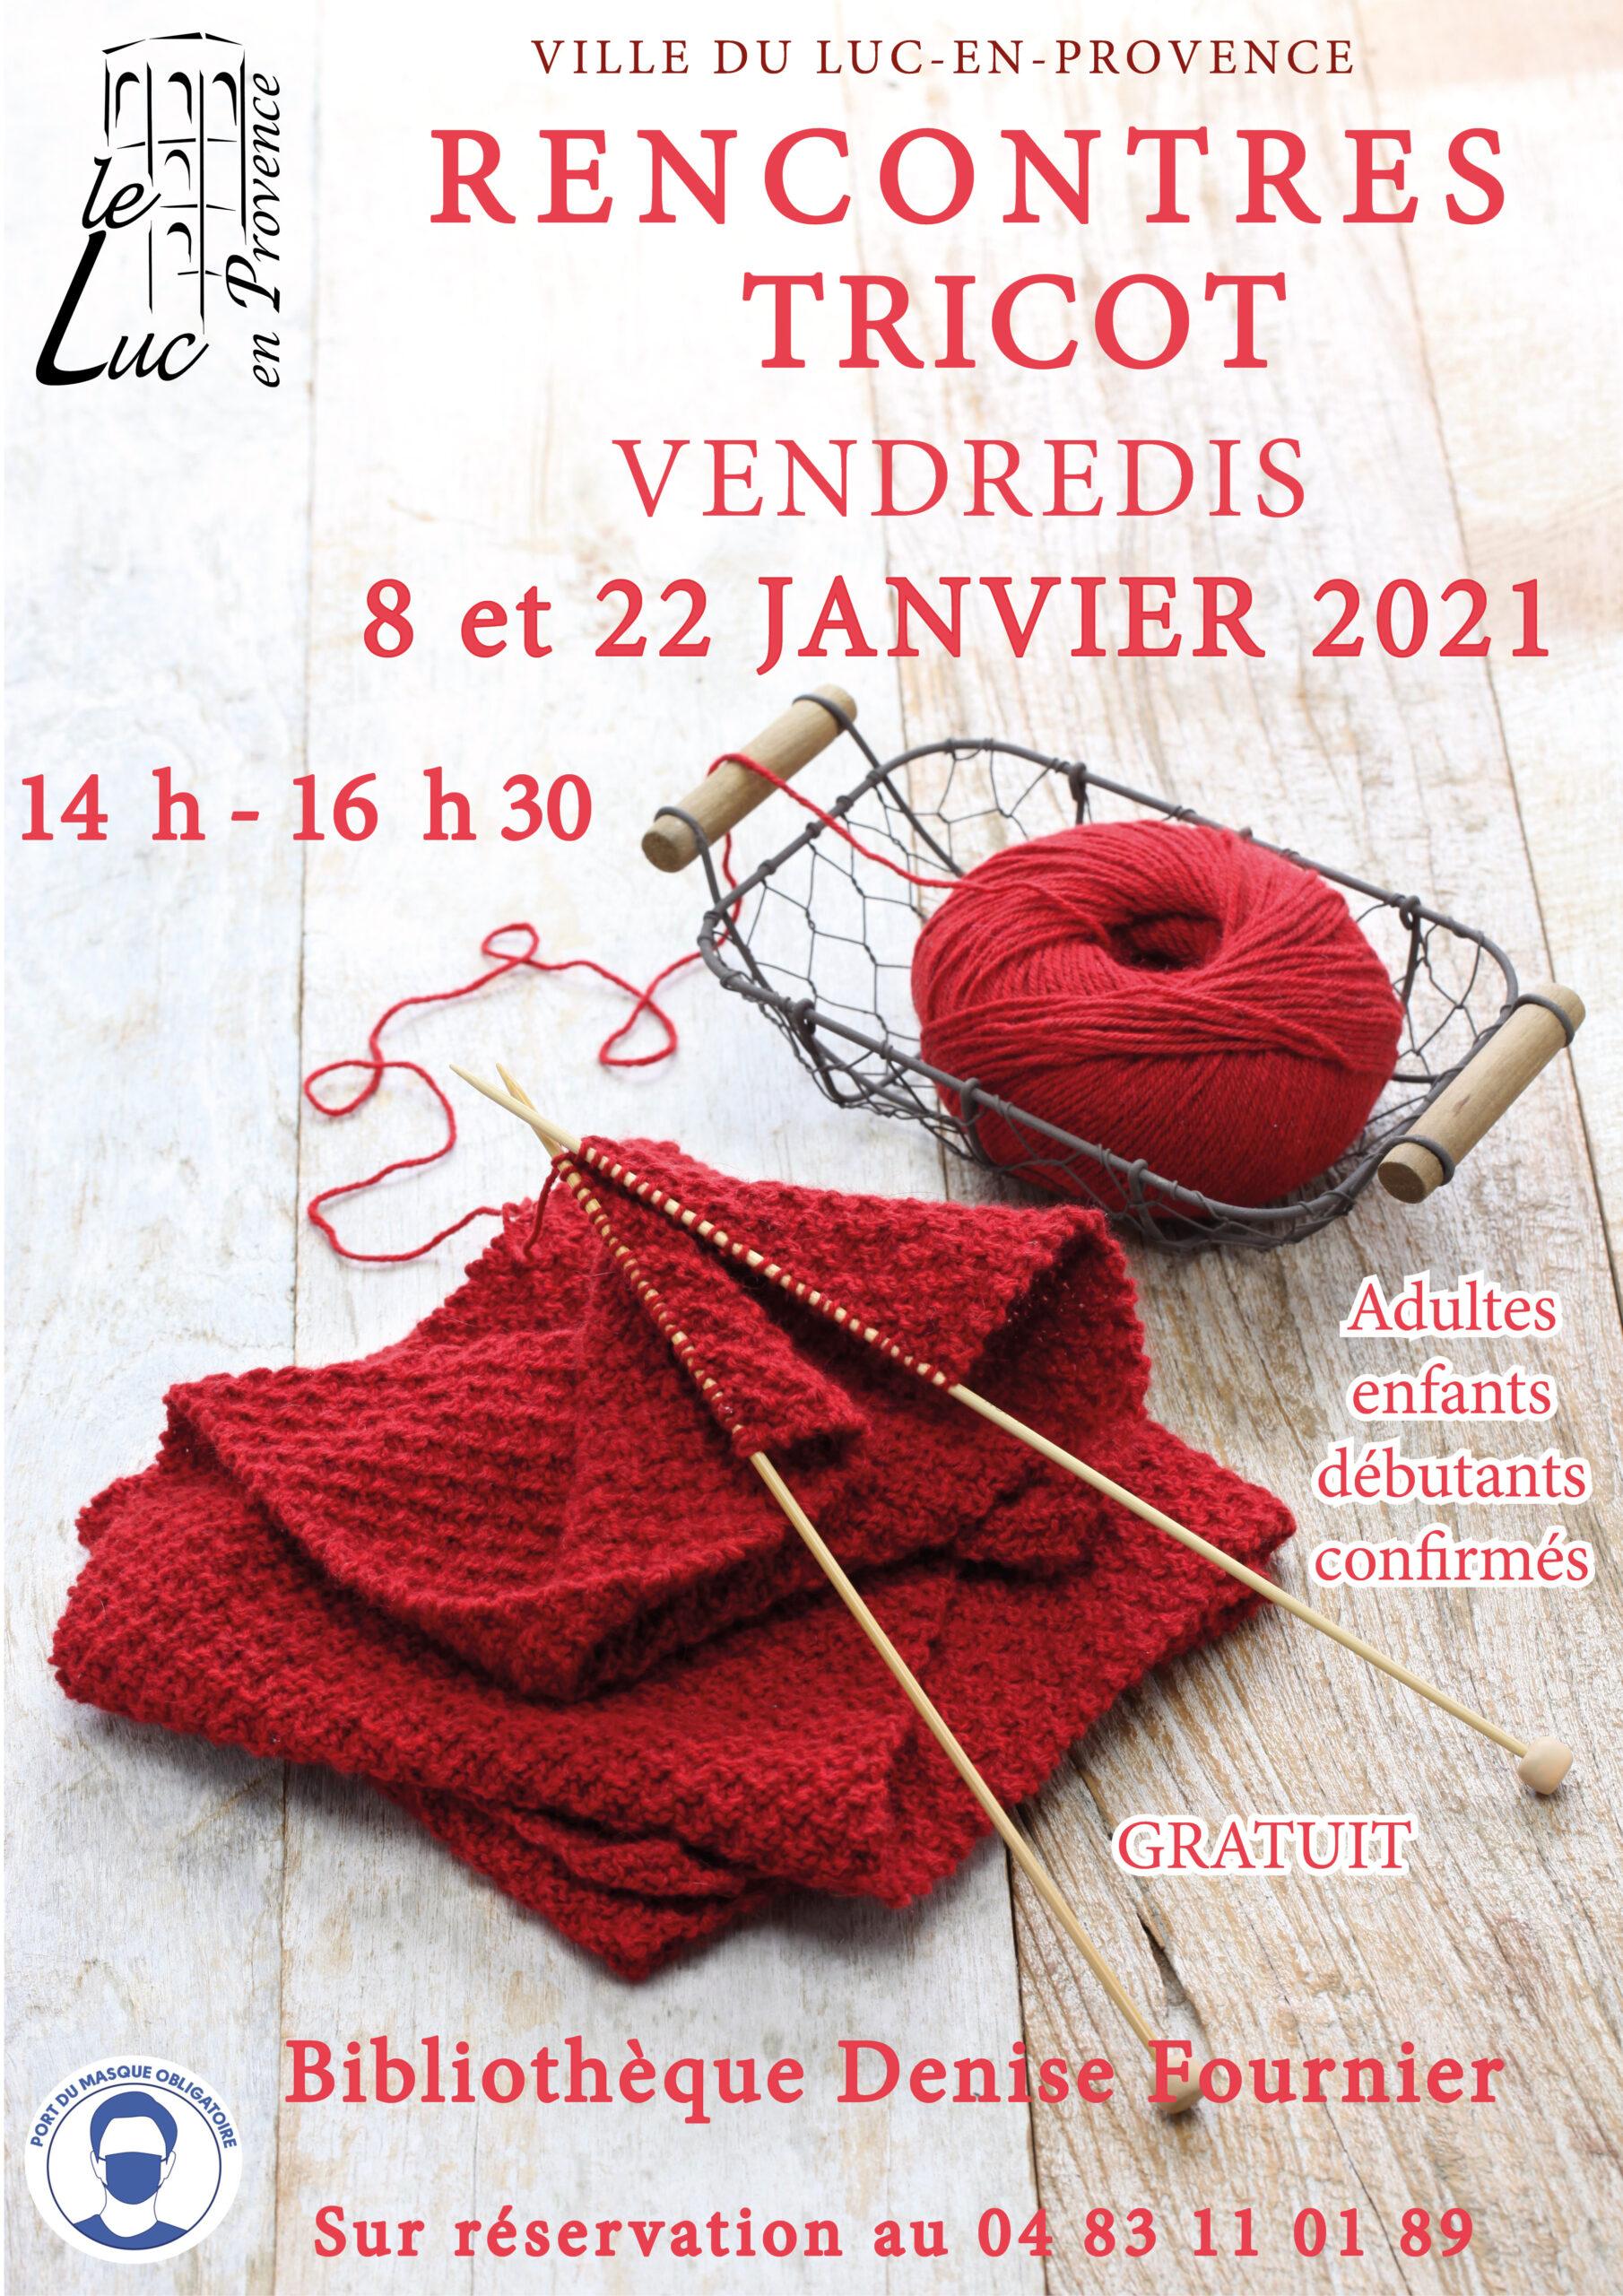 Vendredi 22 janvier, Rencontre tricot